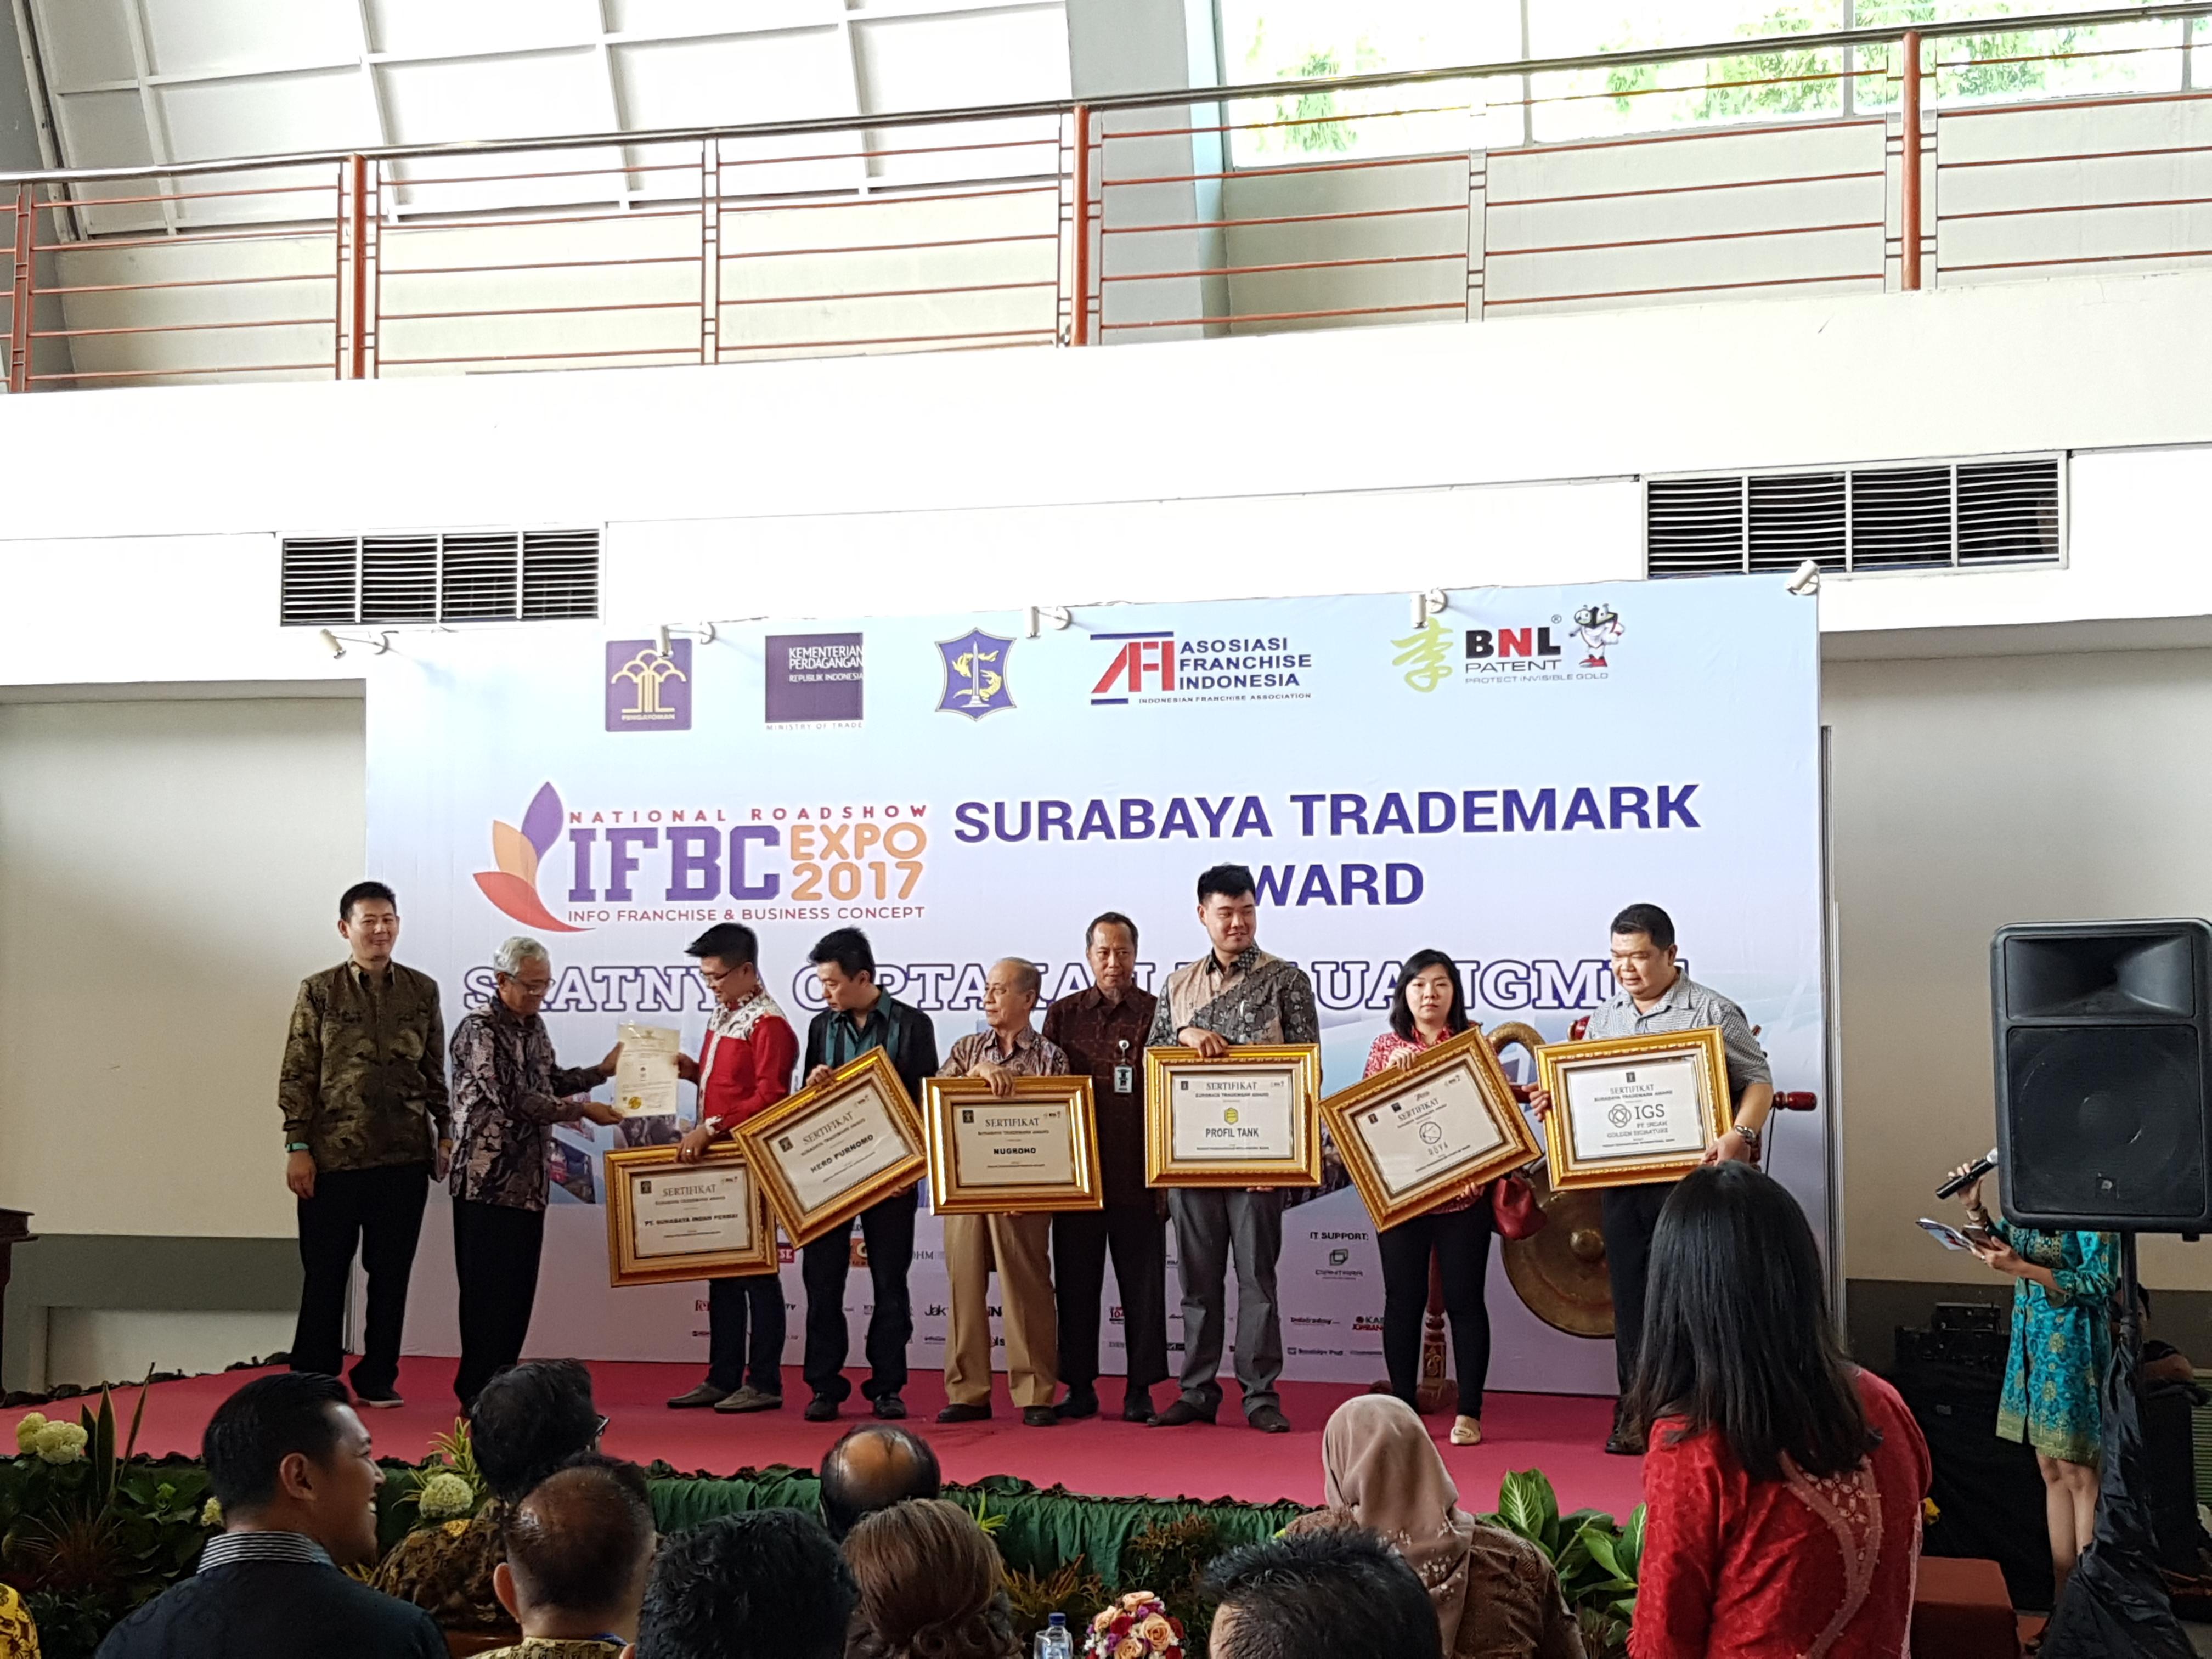 Surabaya Trademark Award